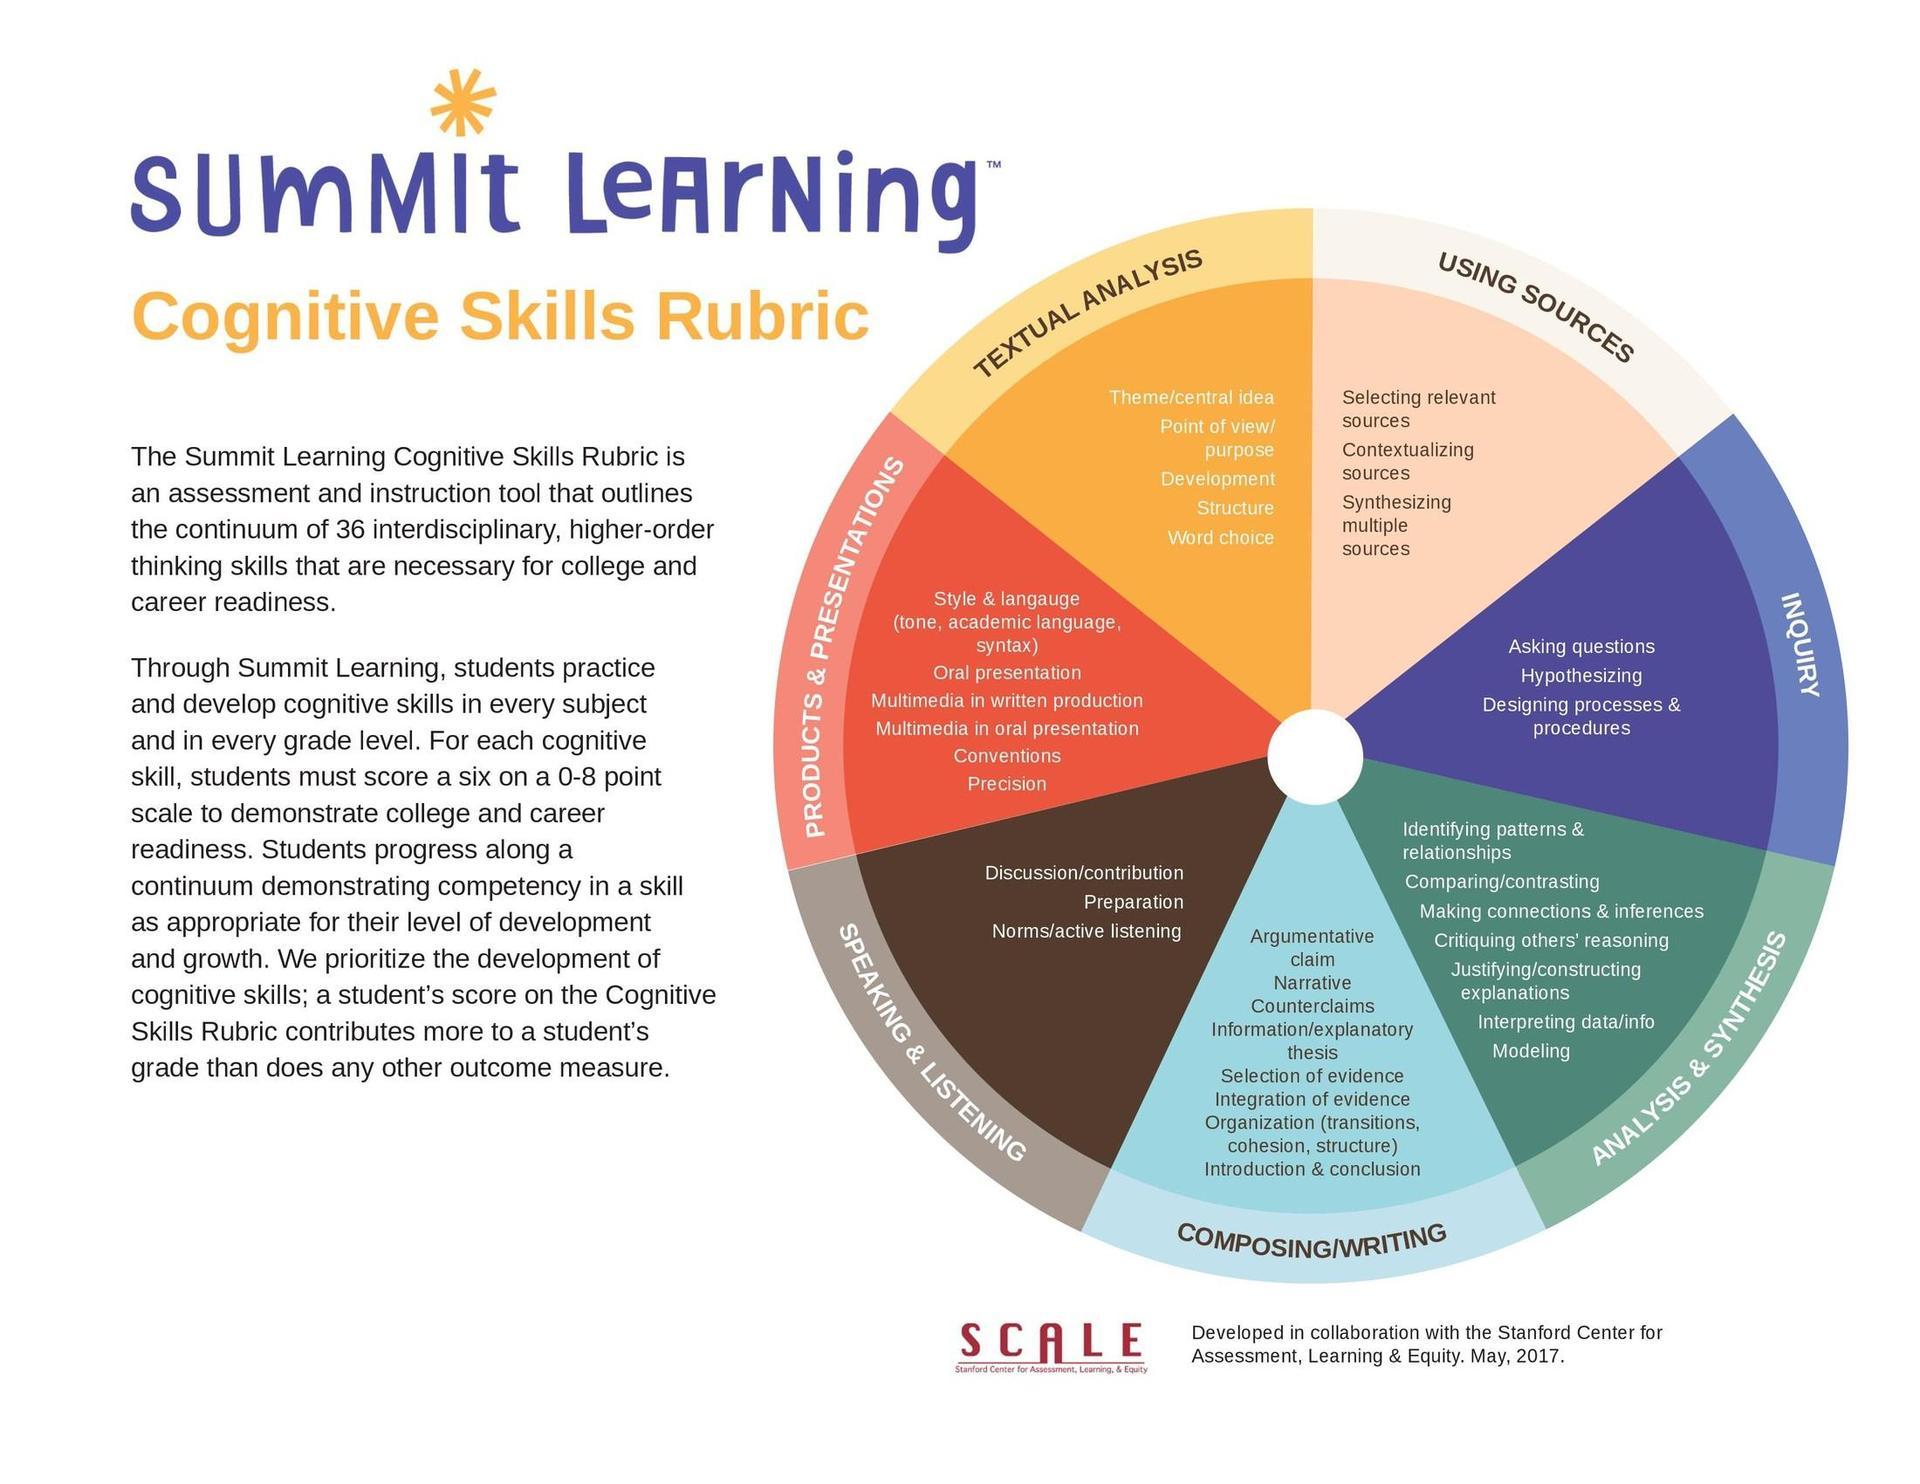 Grading, Cognitive Skills